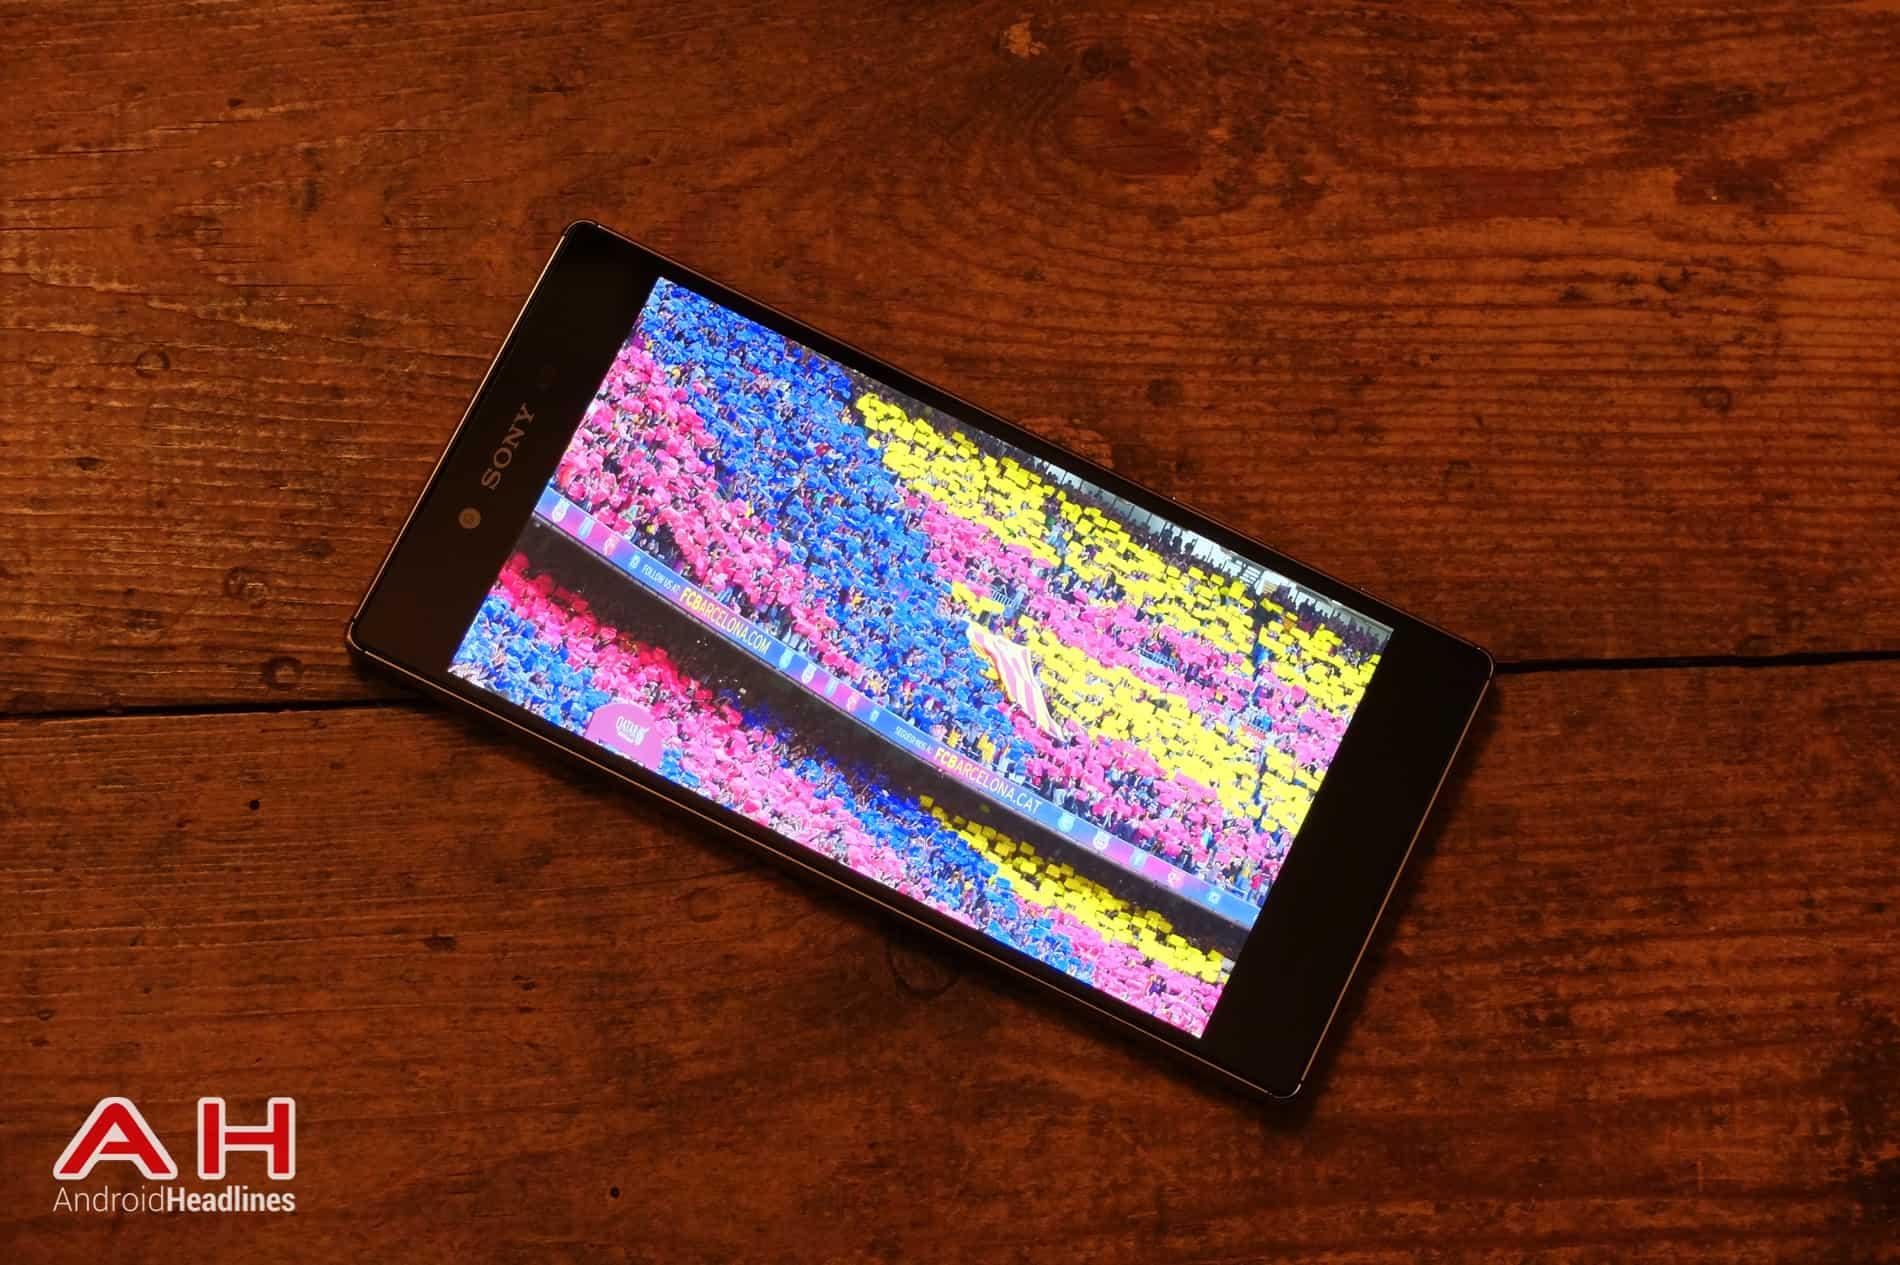 Sony Xperia Z5 Premium AH 2 03